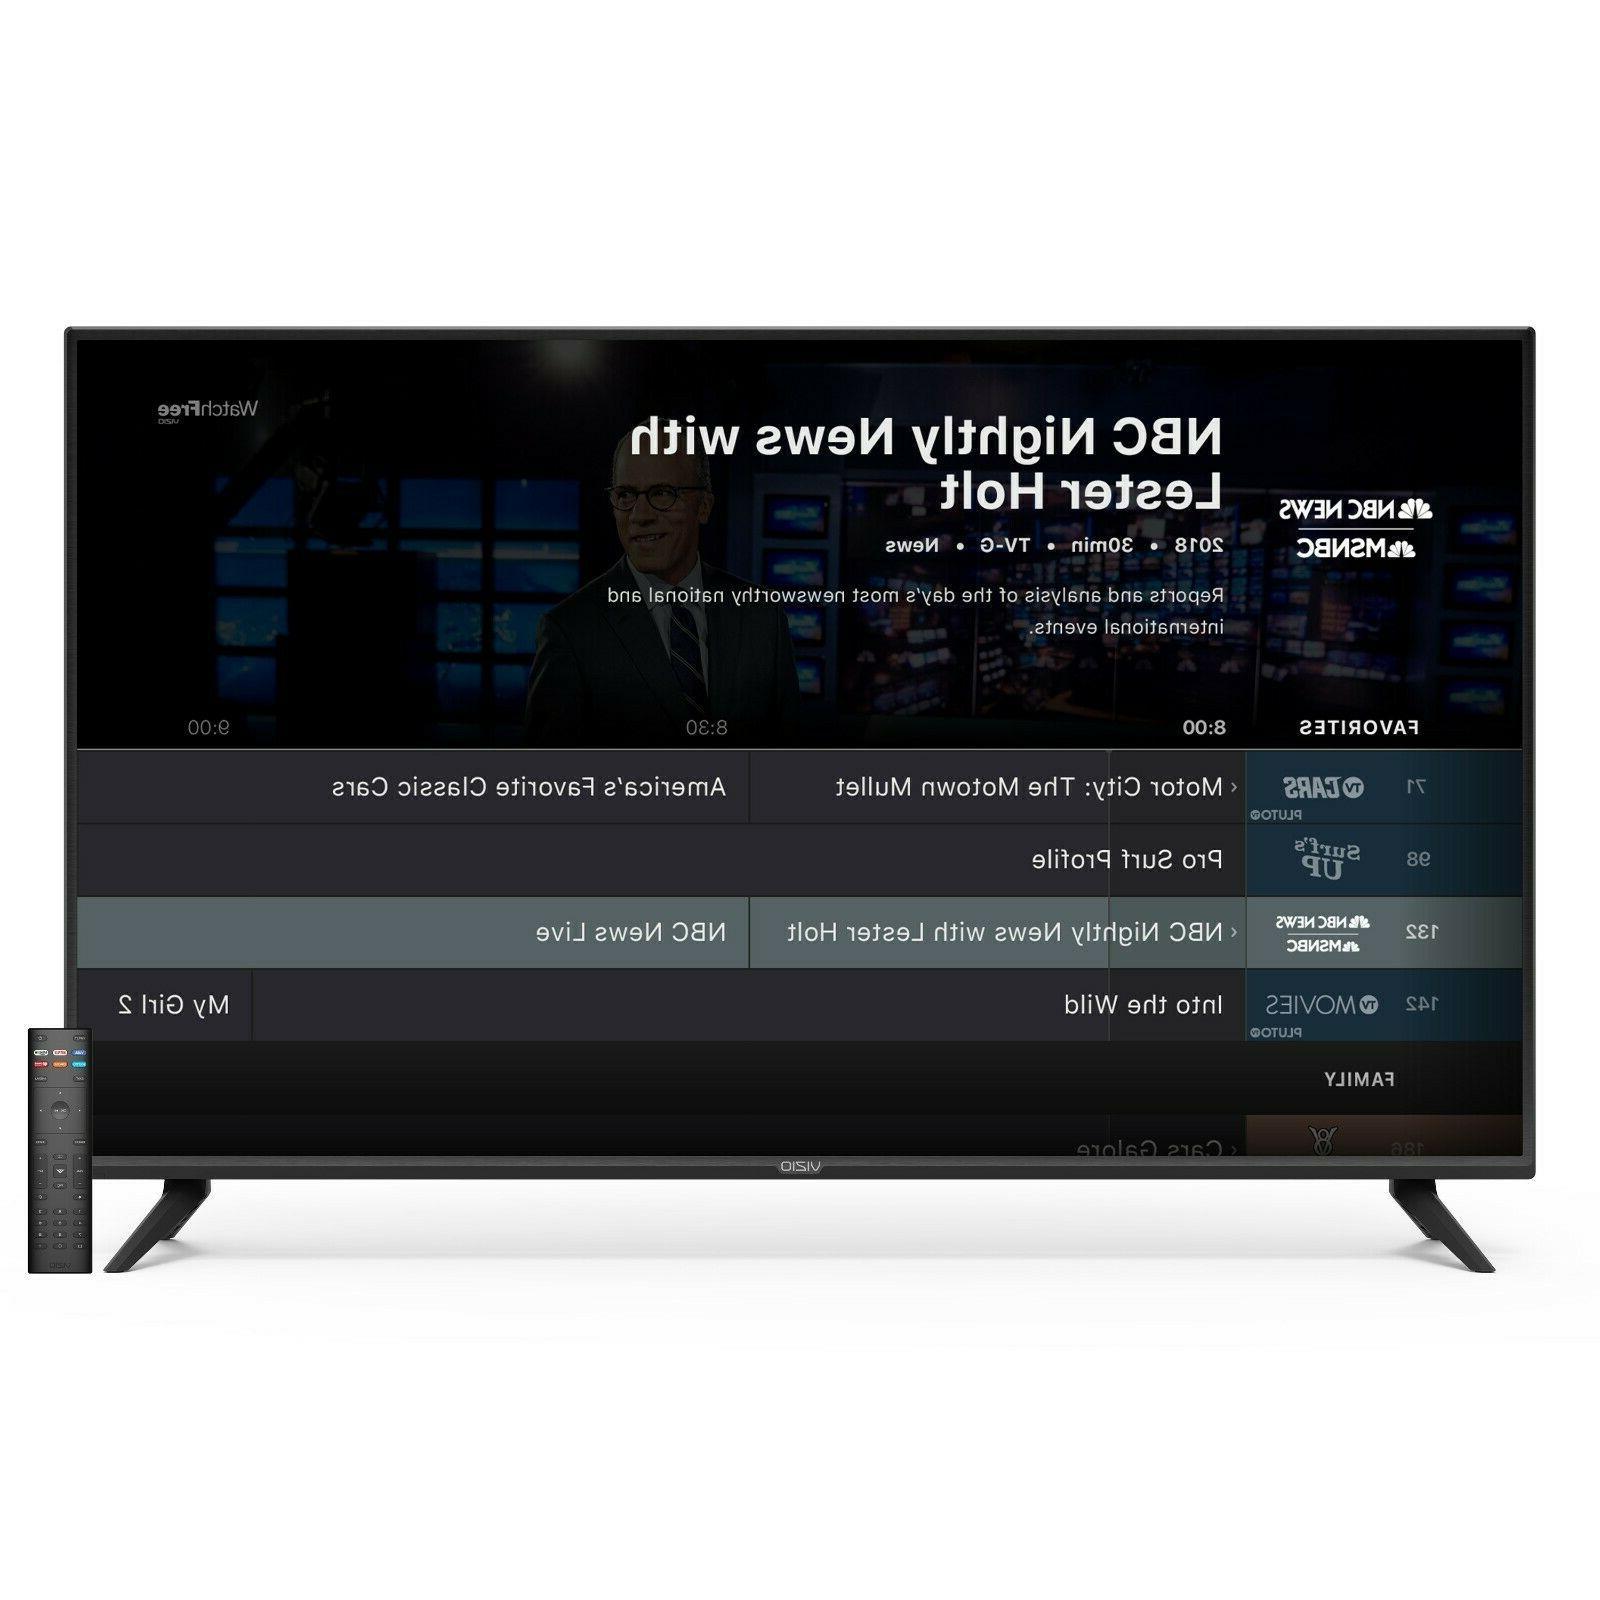 VIZIO 4K Ultra Smart LED TV